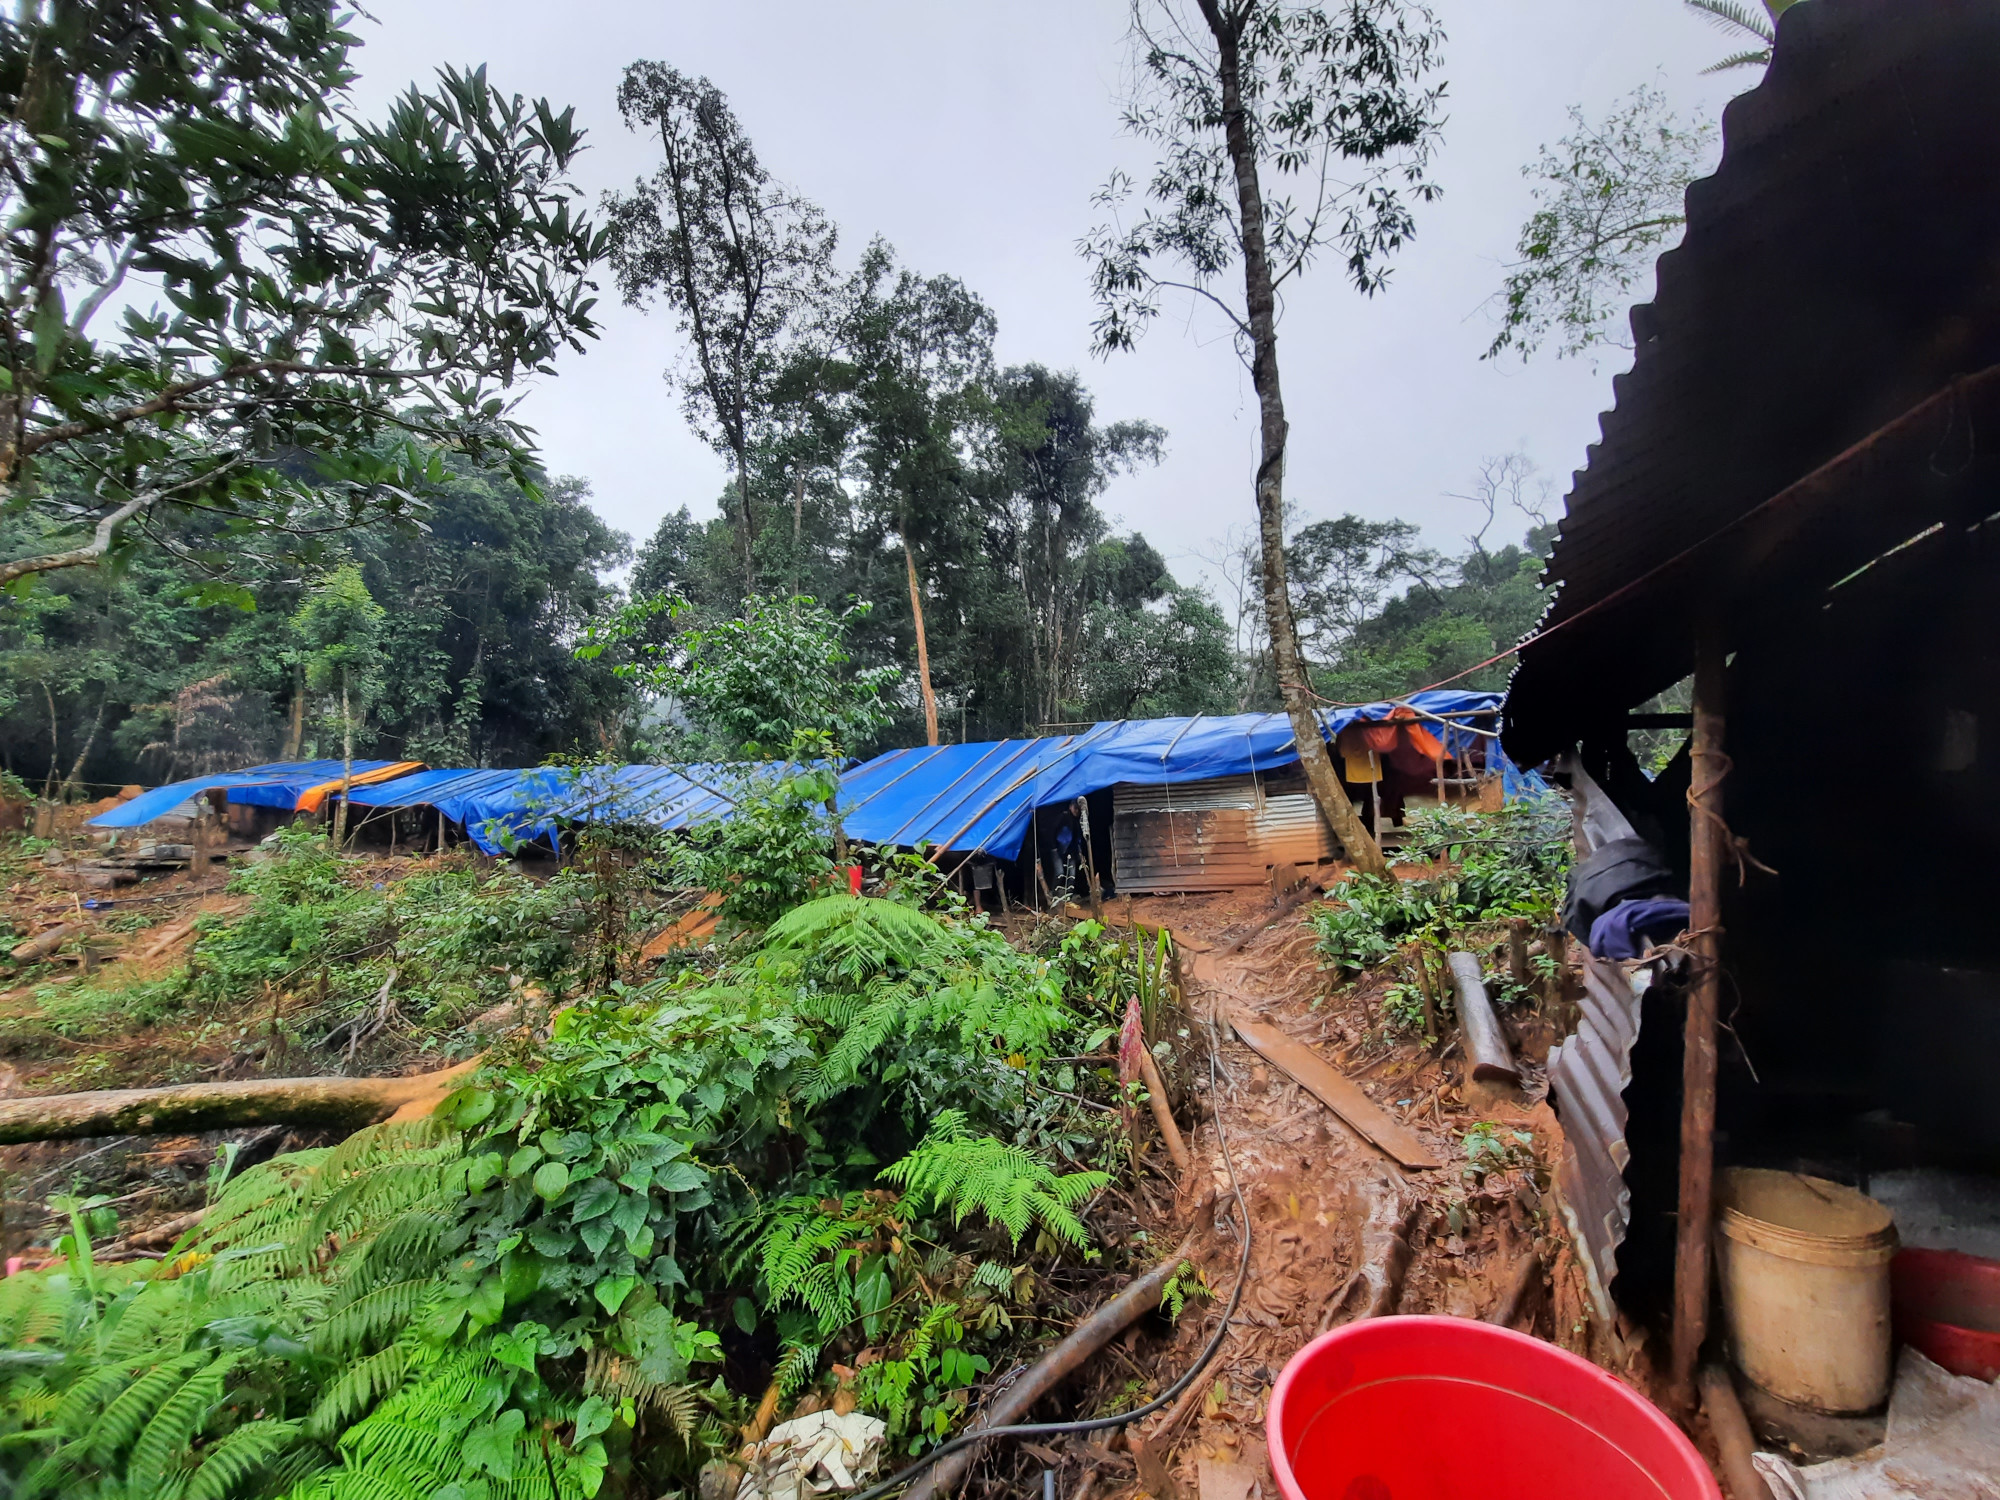 Từ khi cơn lũ dữ quét ngang, xóa sổ thôn 6 xã Phước Lộc, những hộ dân này vẫn bám trụ trong những túp lều tạm, chờ ngày dựng nhà mới.